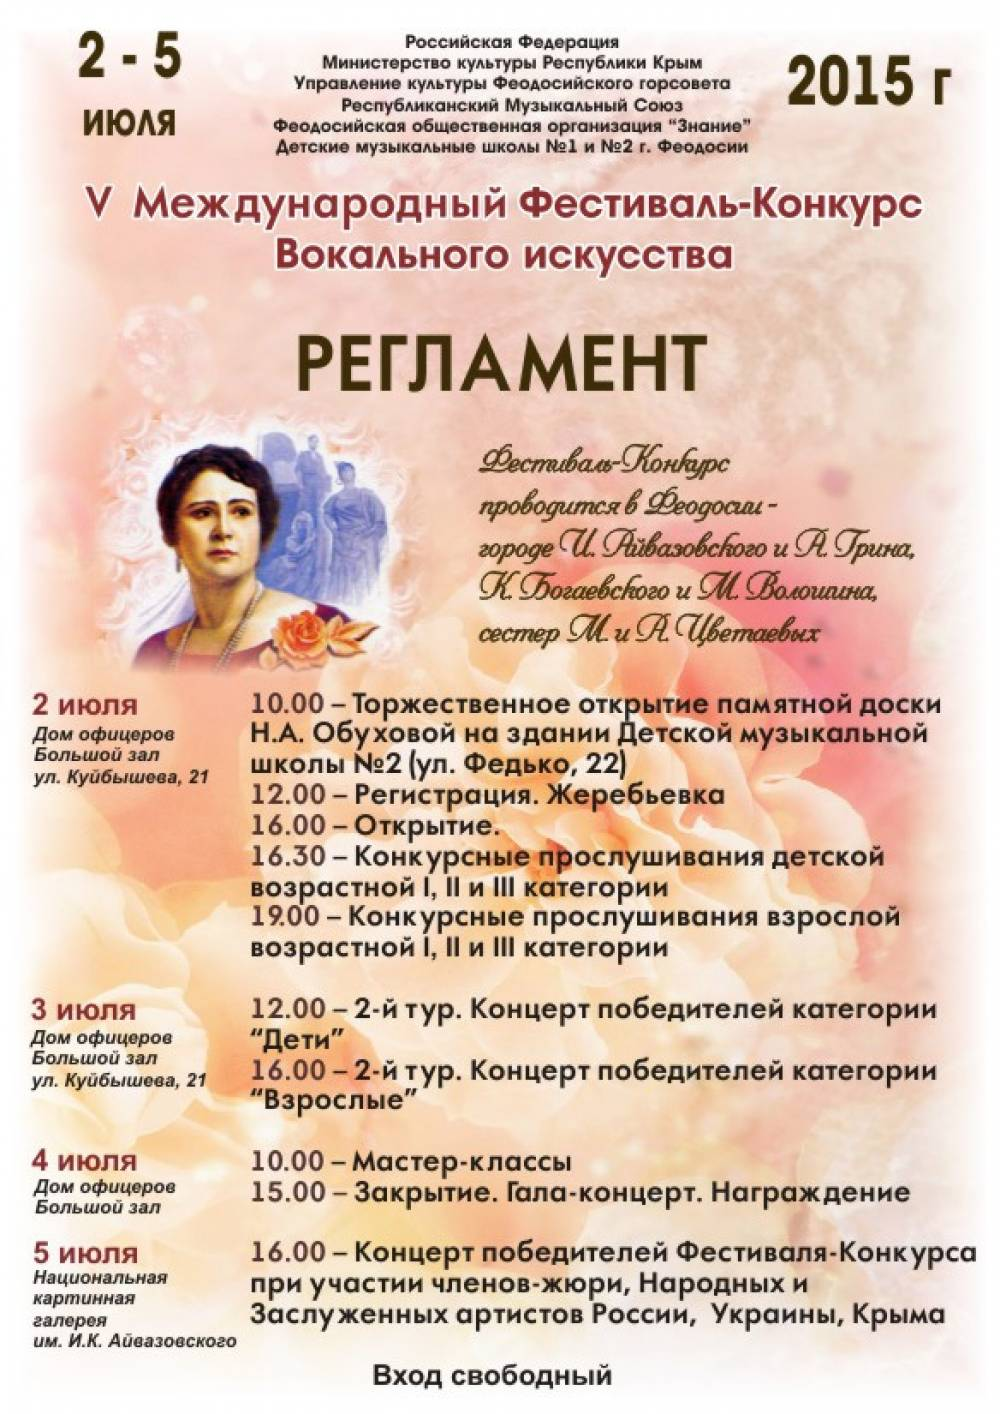 V Международный Фестиваль-конкурс вокального искусства